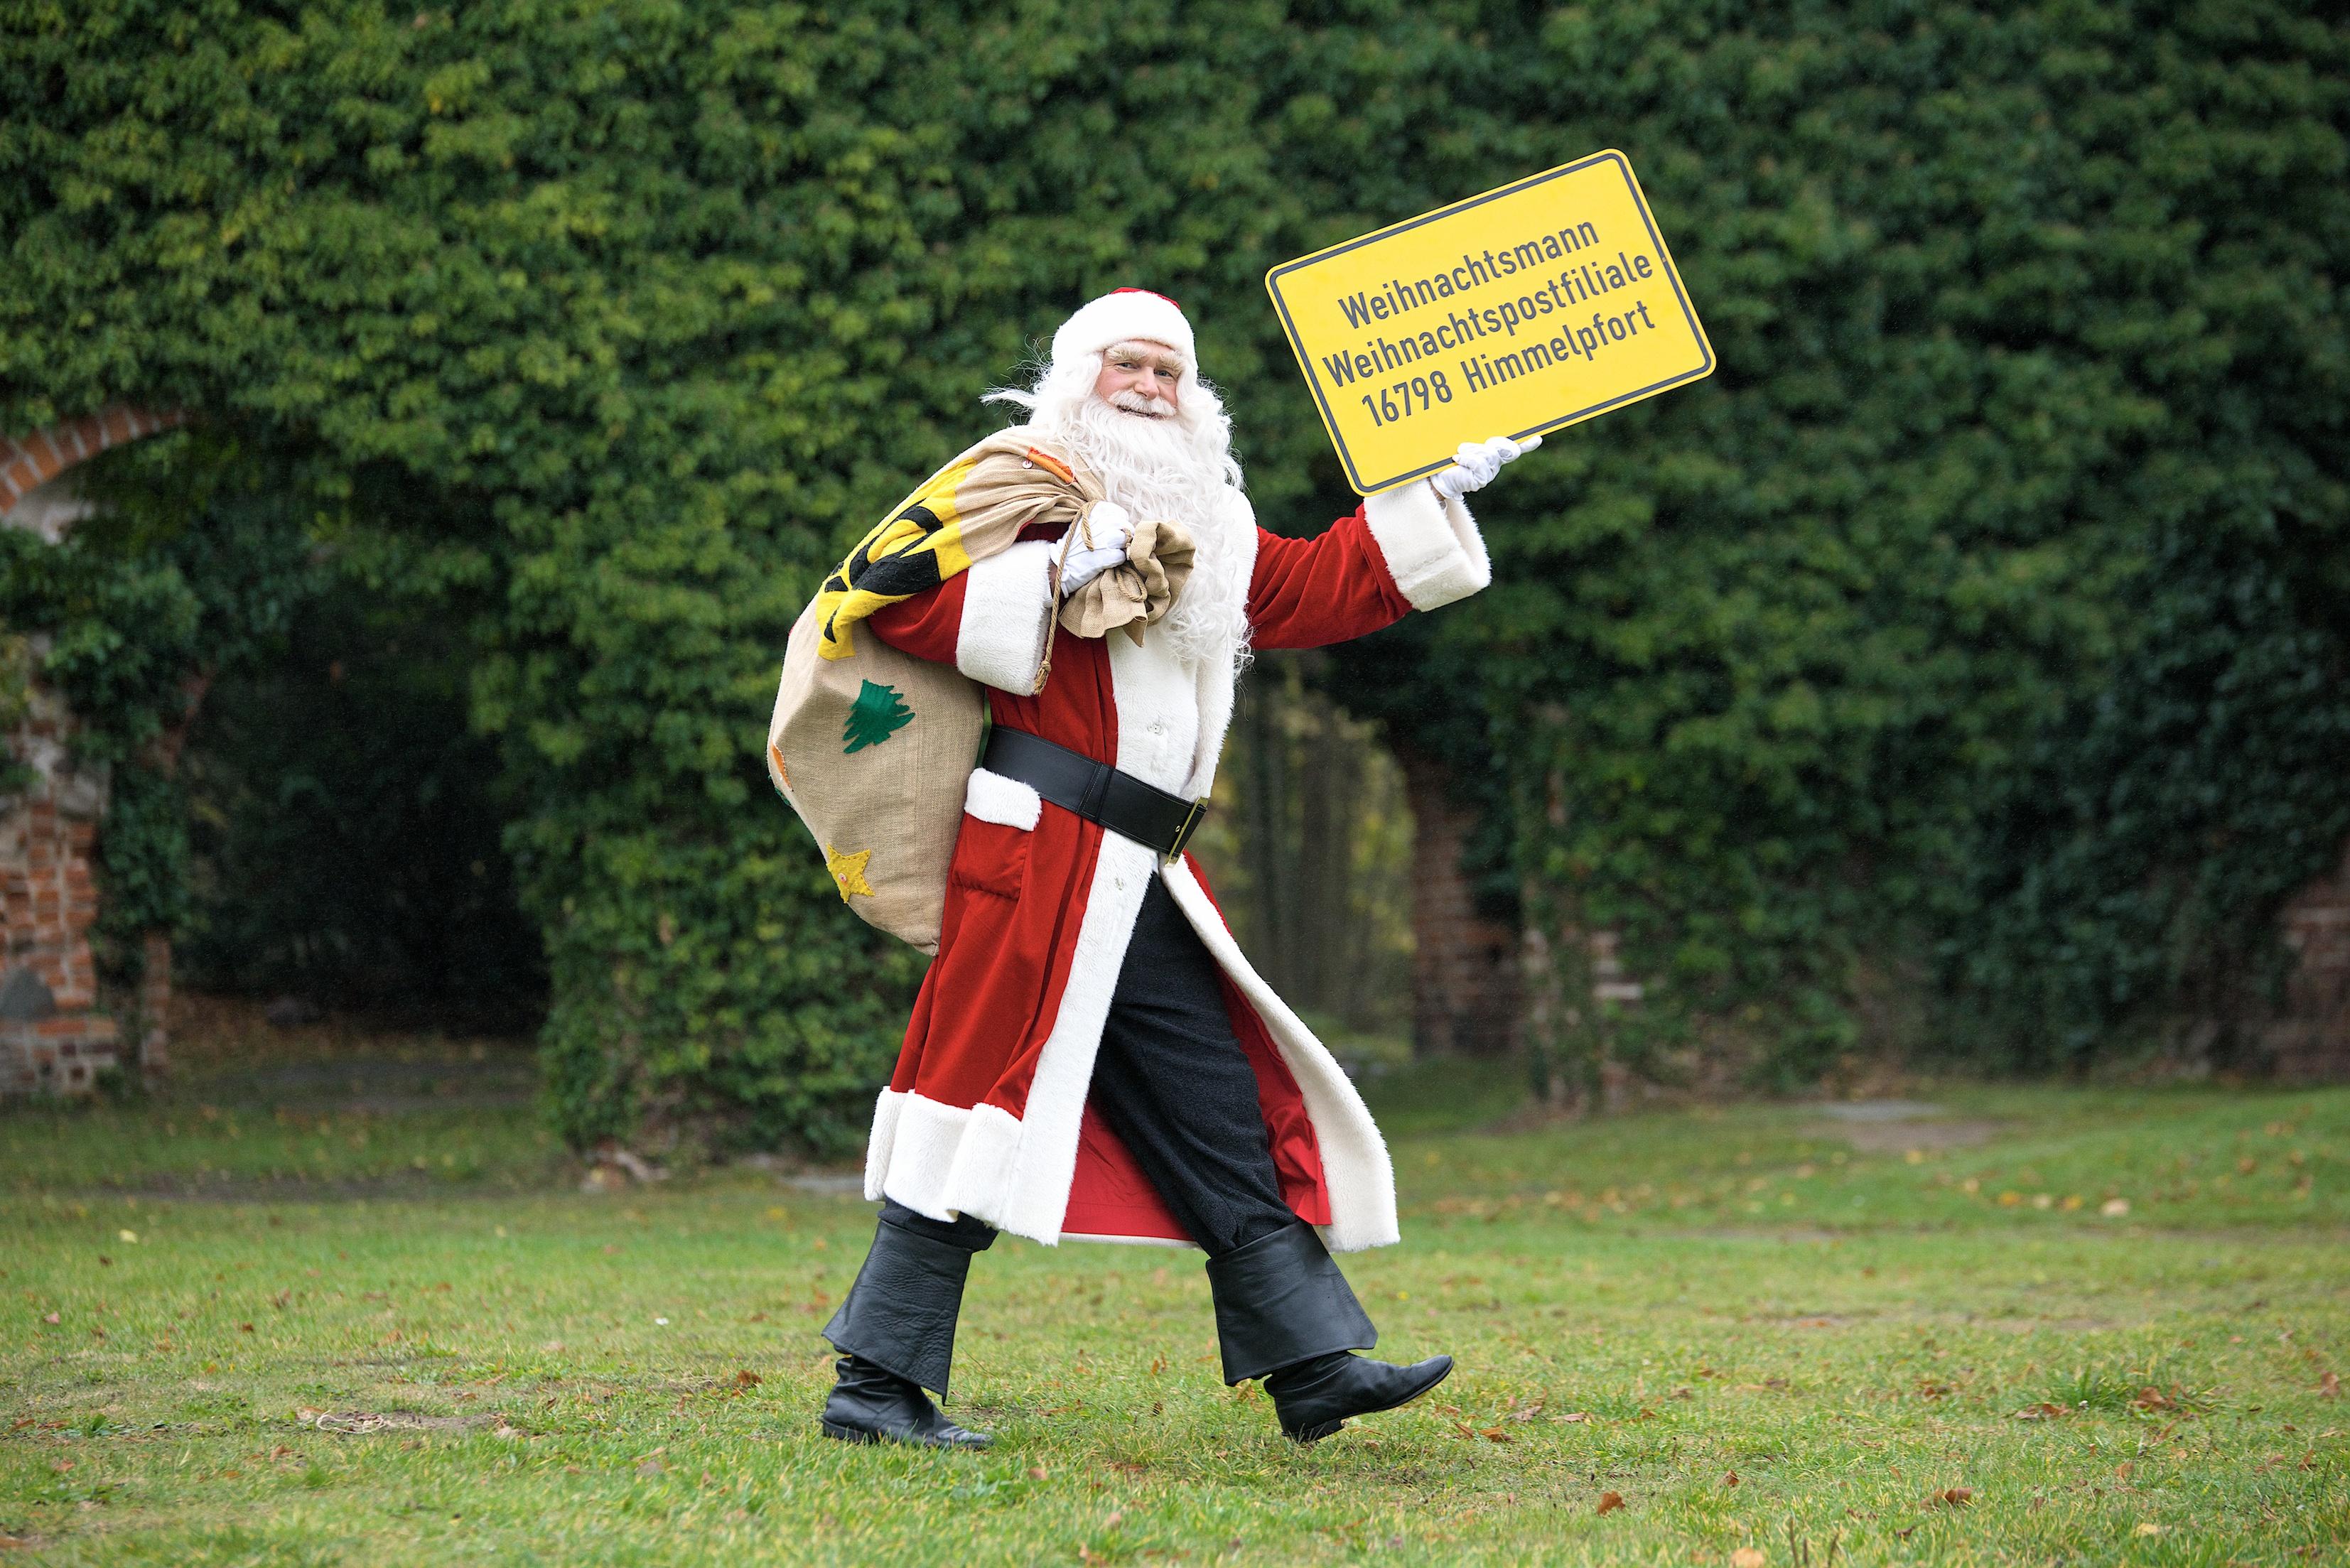 Ankunft des Weihnachtsmannes in der Weihnachtspostfiliale in Himmelpfort